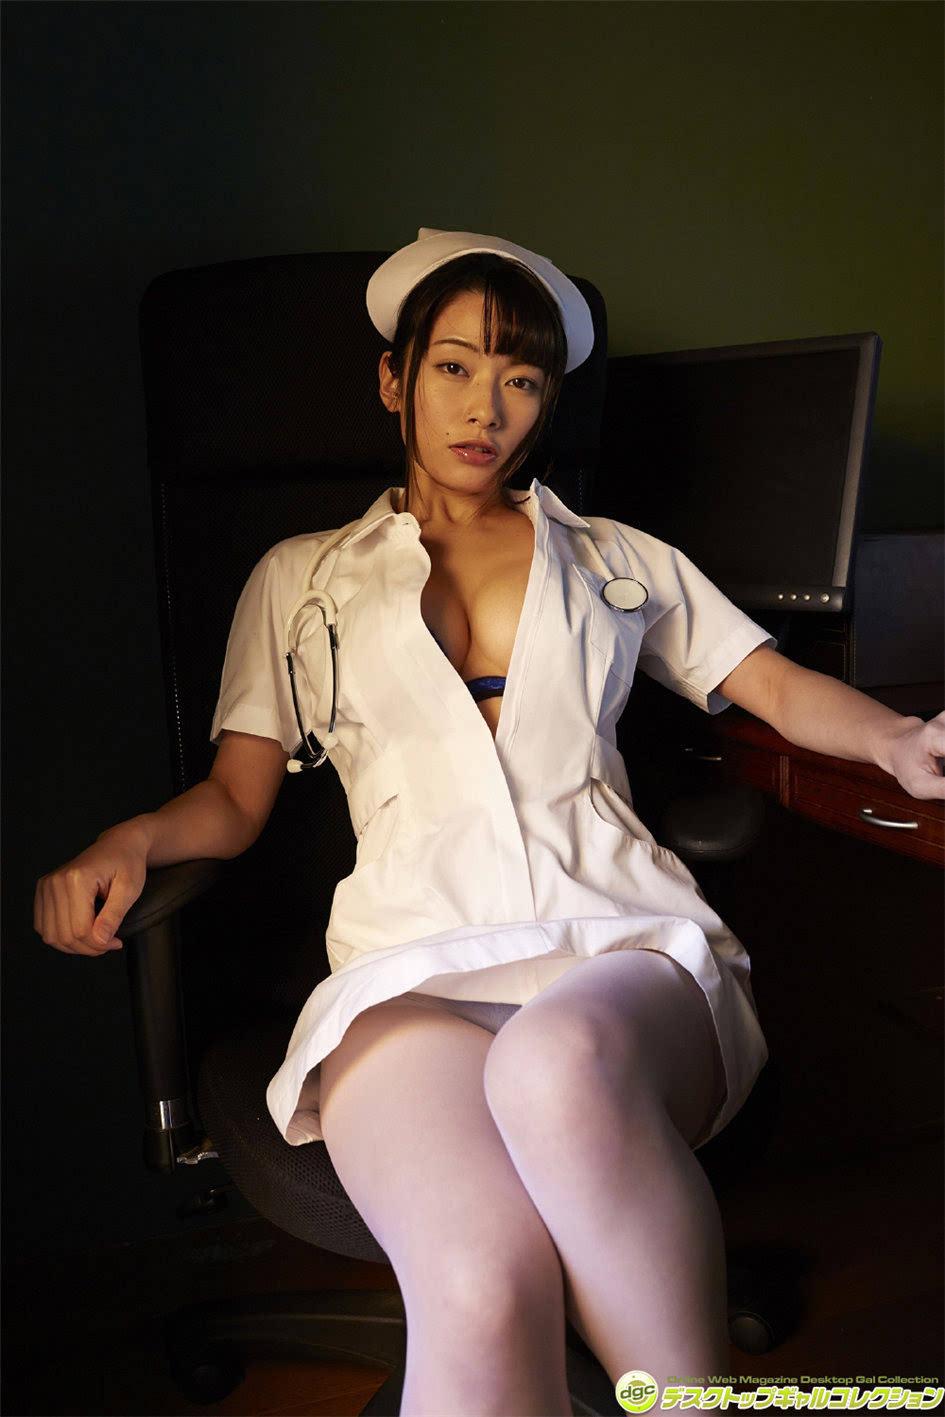 丝袜熟女爆光_日本ol熟女躺平脱丝袜上围难兜极致风情